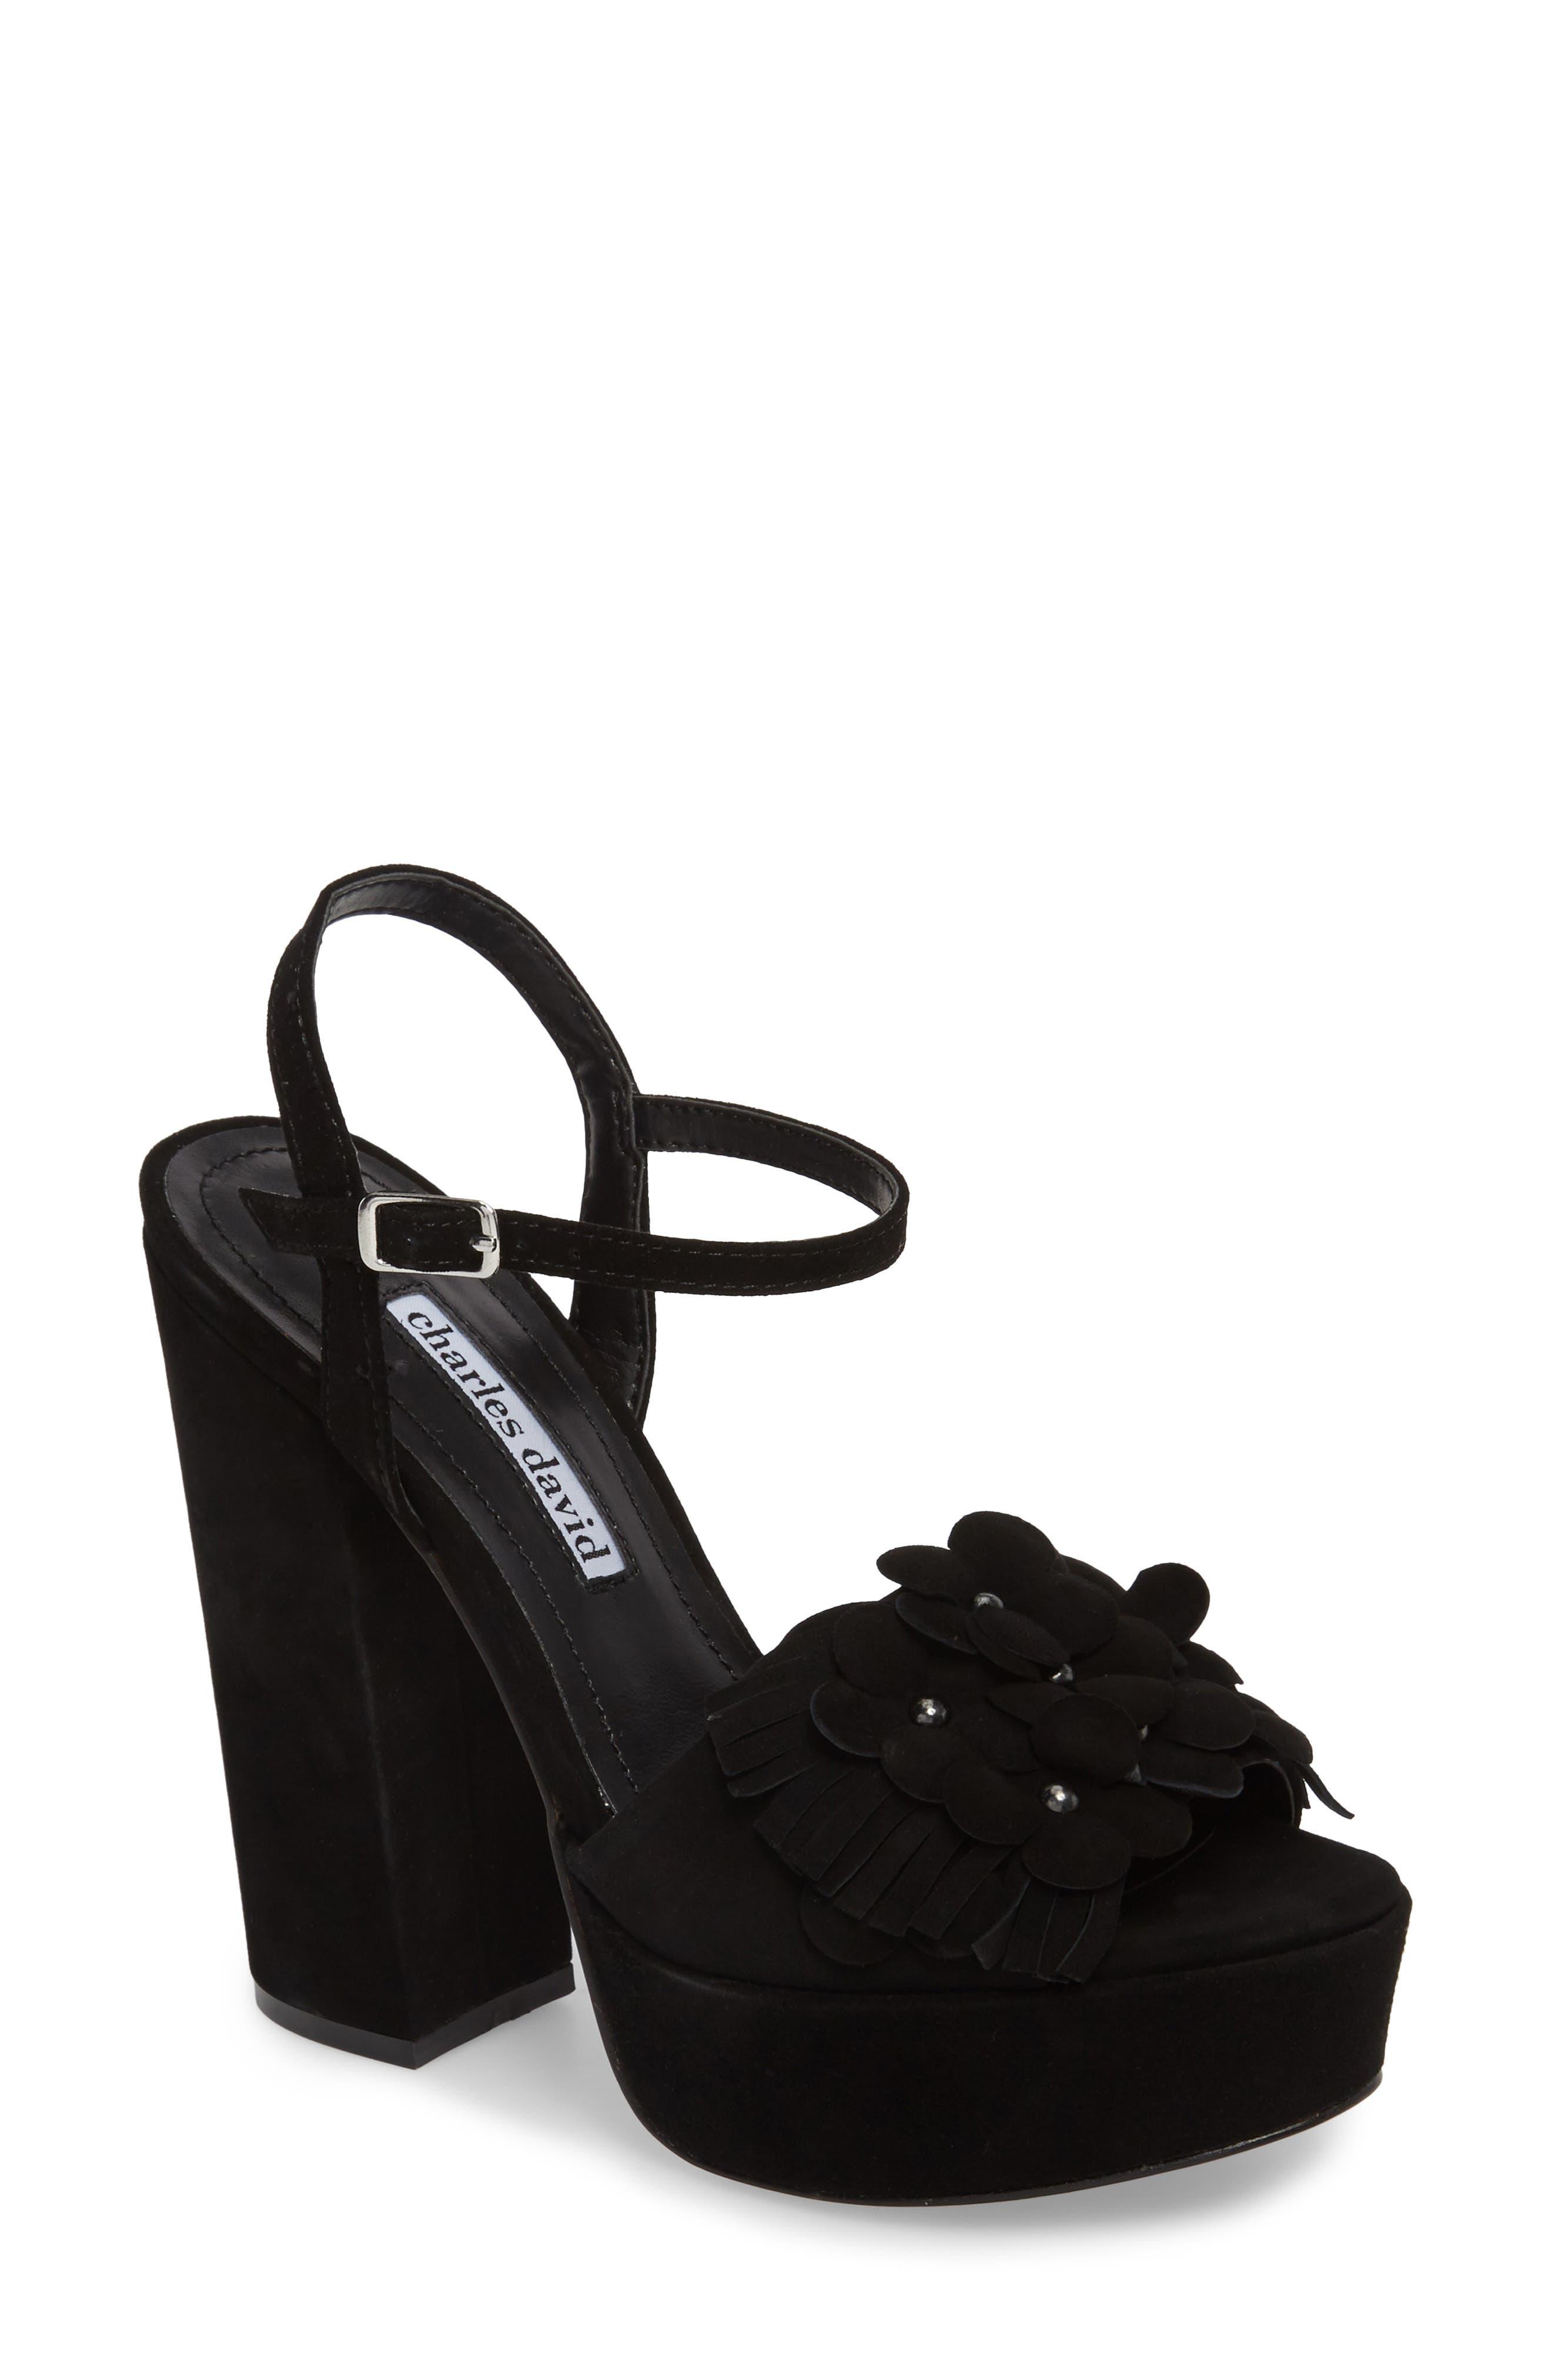 Royale Sandal,                             Main thumbnail 1, color,                             BLACK SUEDE